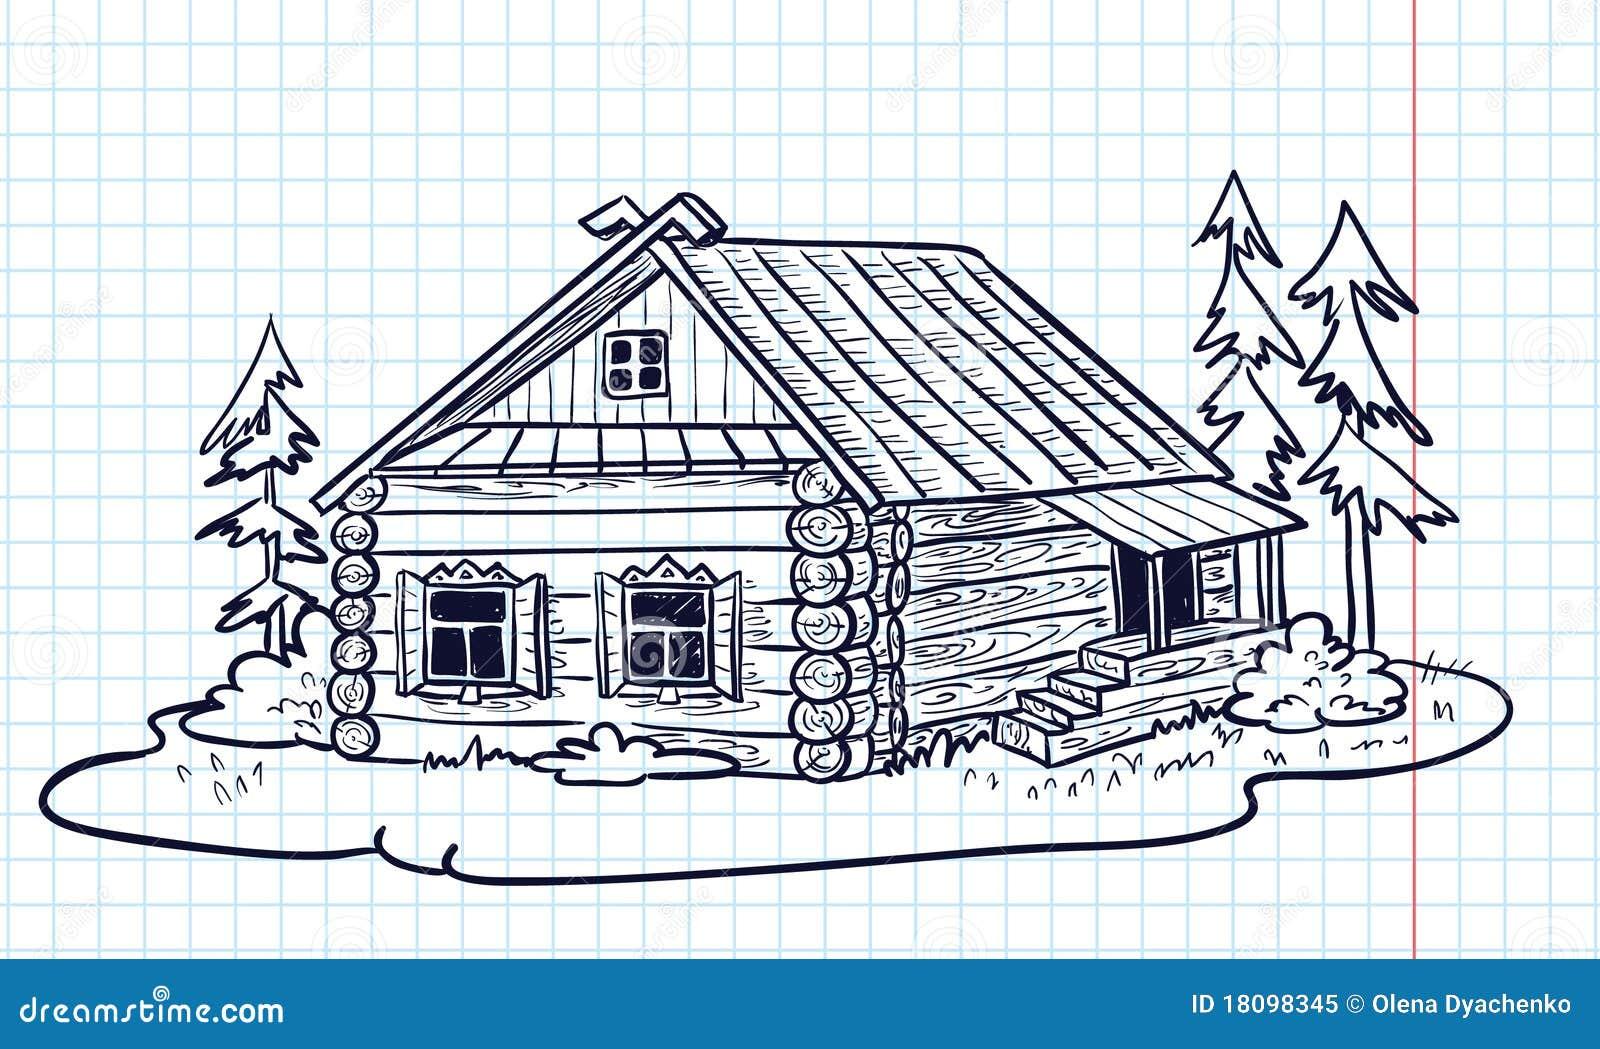 всего рисунок деревенский домик с узорами дизайнеры обращаются